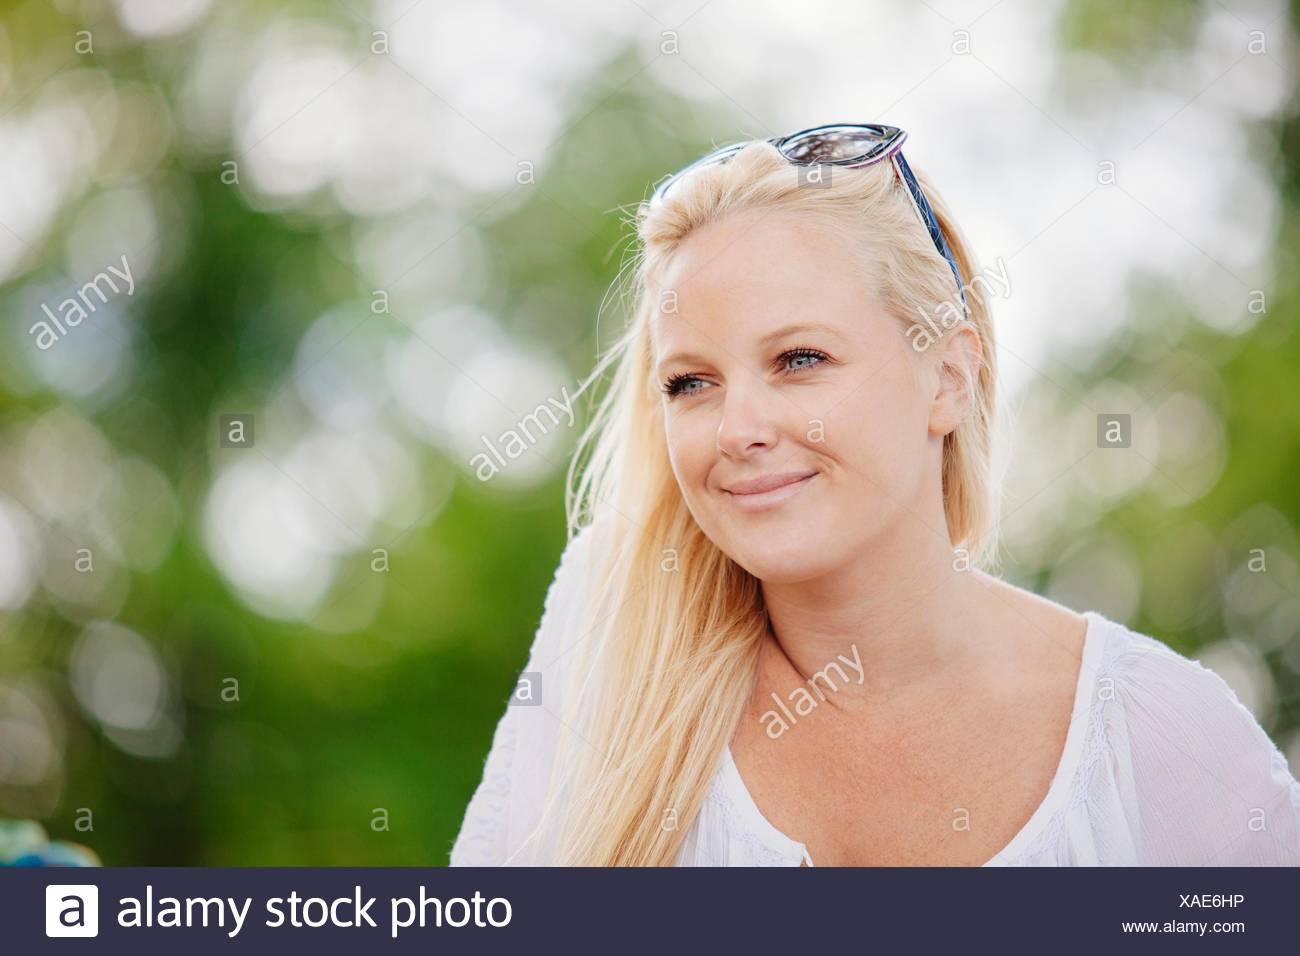 Portrait de jeune femme blonde aux cheveux longs avec des lunettes sur la tête à la voiture smiling Photo Stock